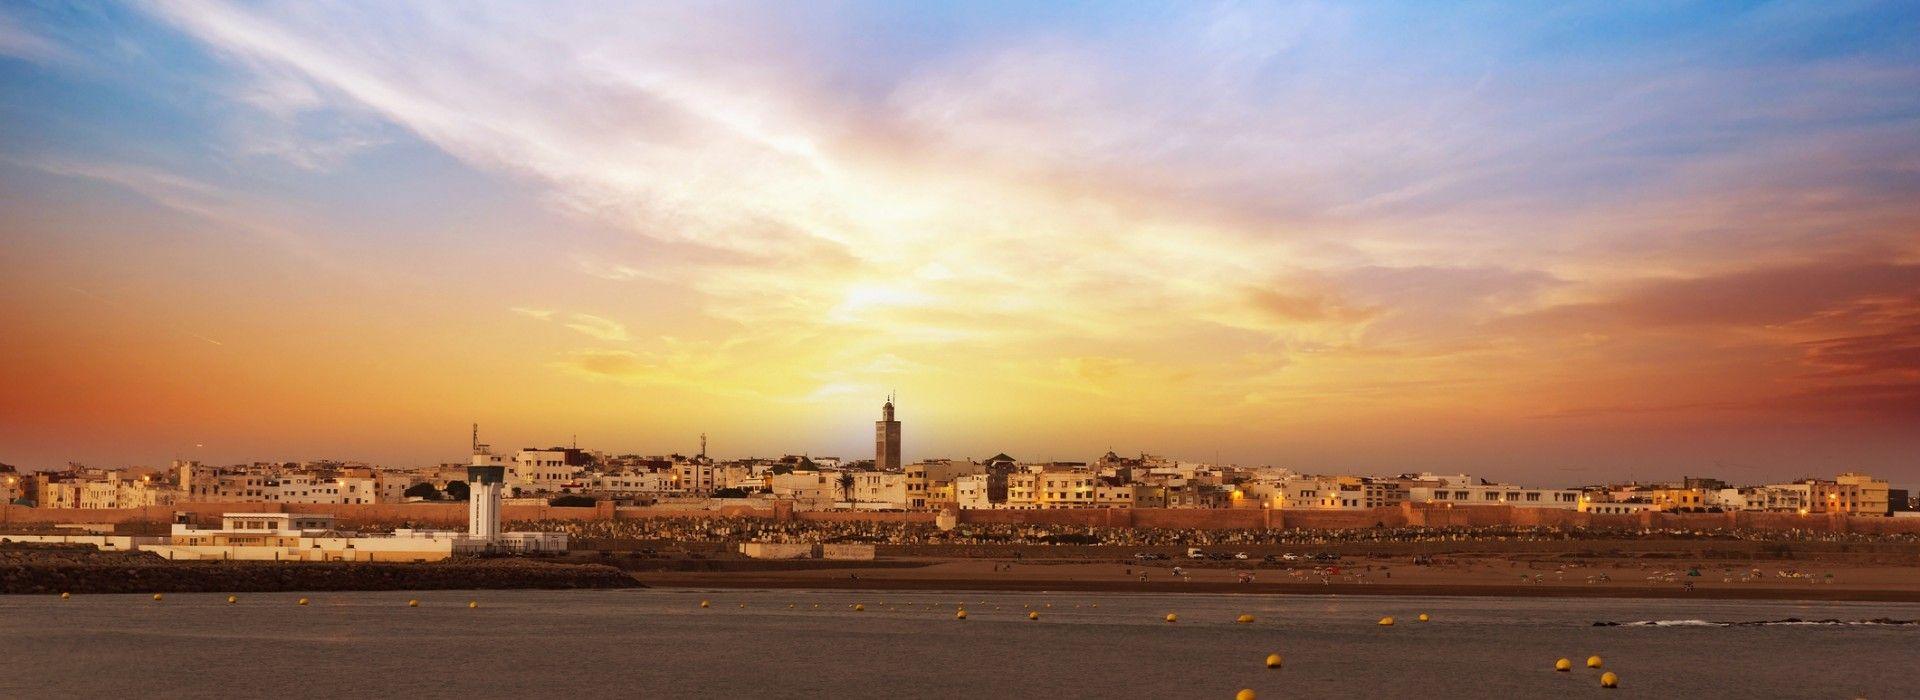 Adventure Tours in Casablanca